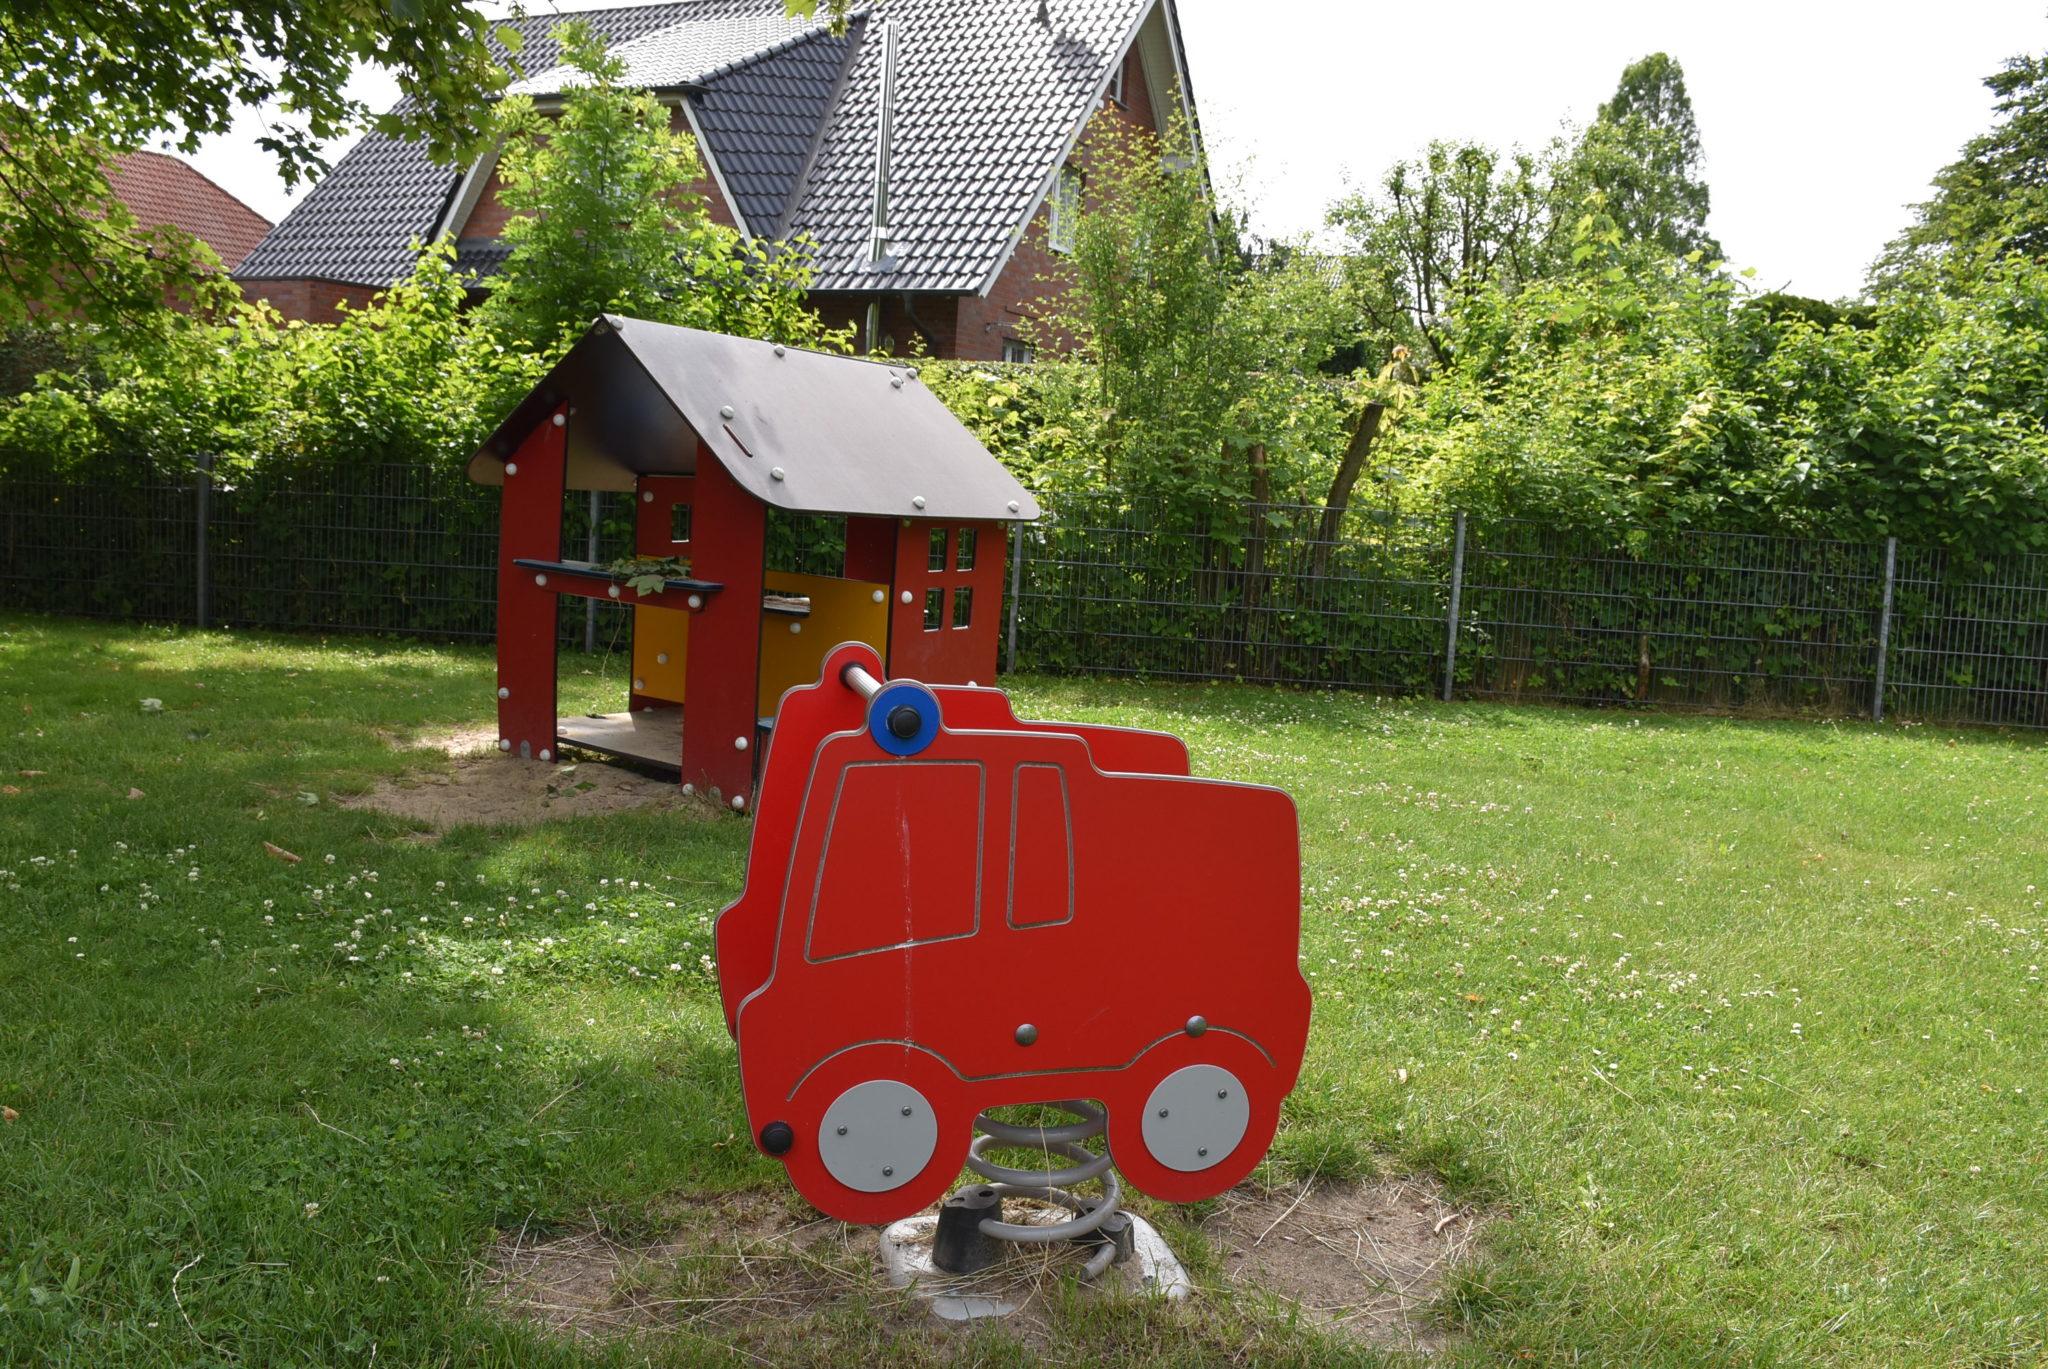 Übersicht Wippgeräte Spielplatz Auf der Rulle